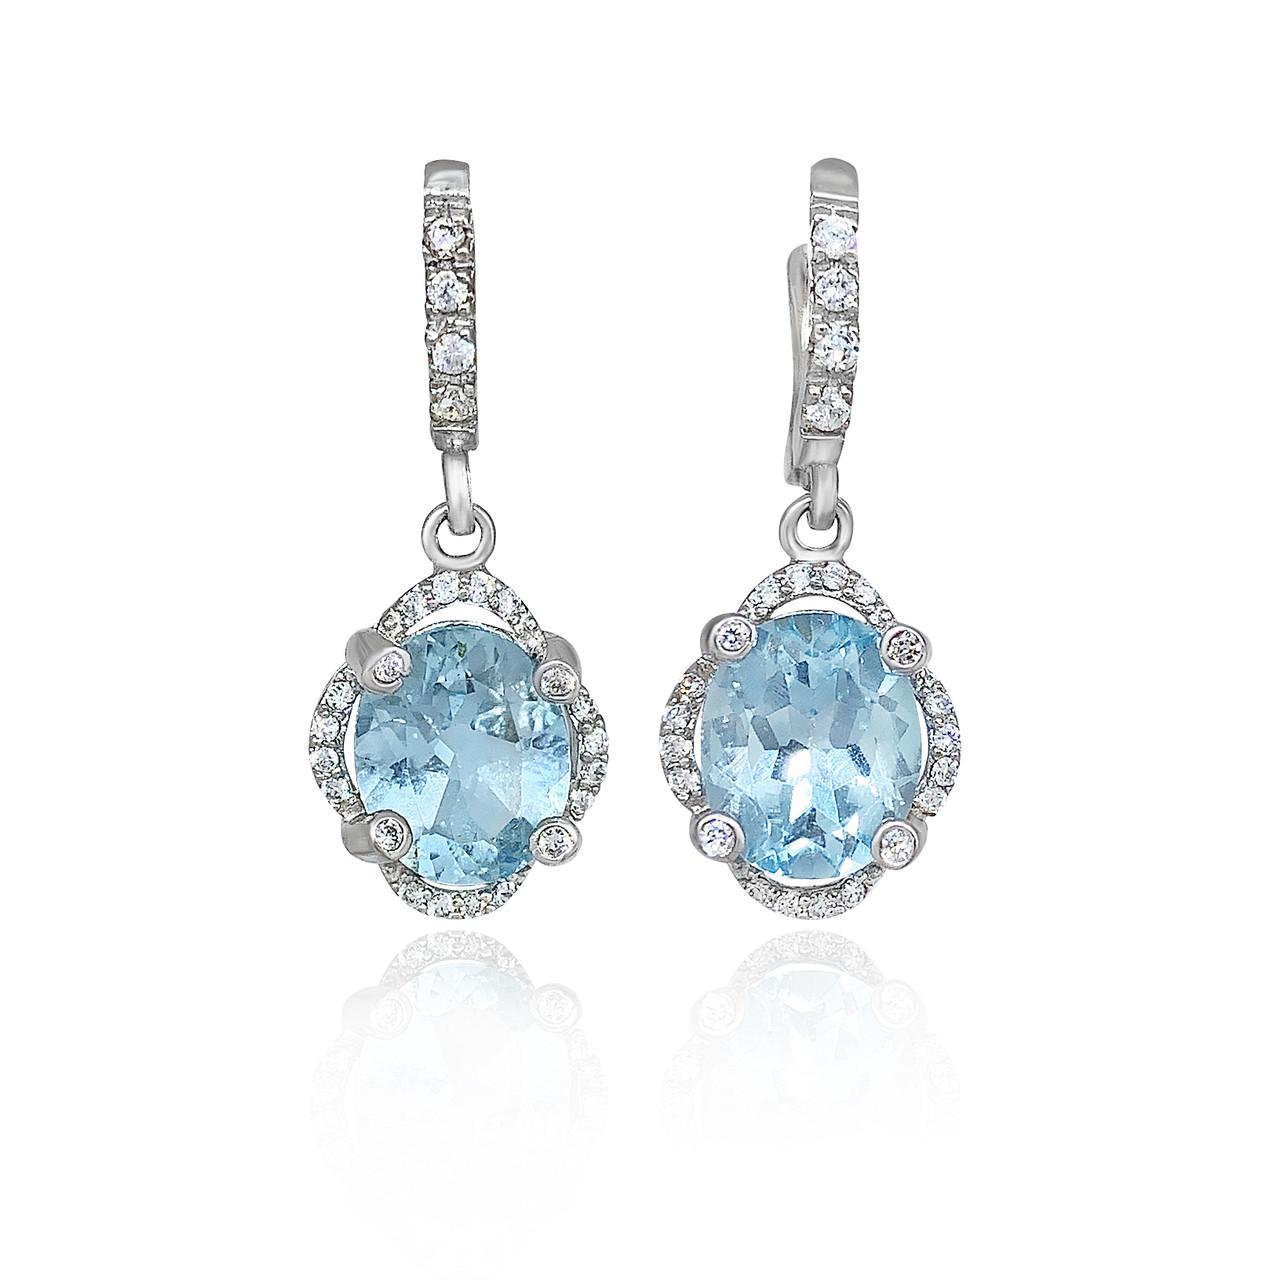 Срібні сережки з натуральними блакитними топазами